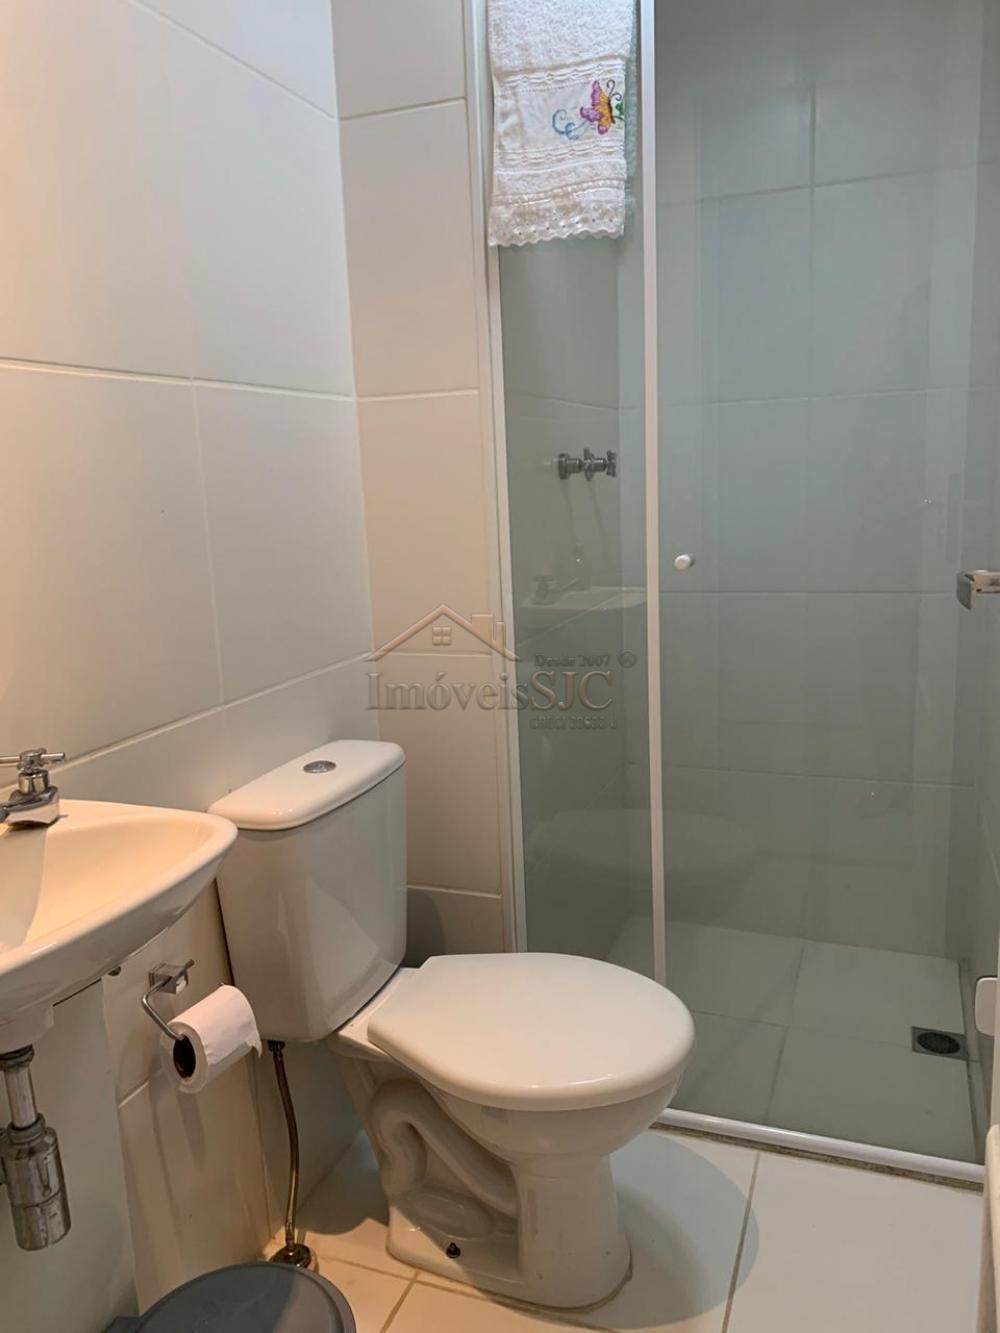 Comprar Apartamentos / Padrão em São José dos Campos apenas R$ 790.000,00 - Foto 21